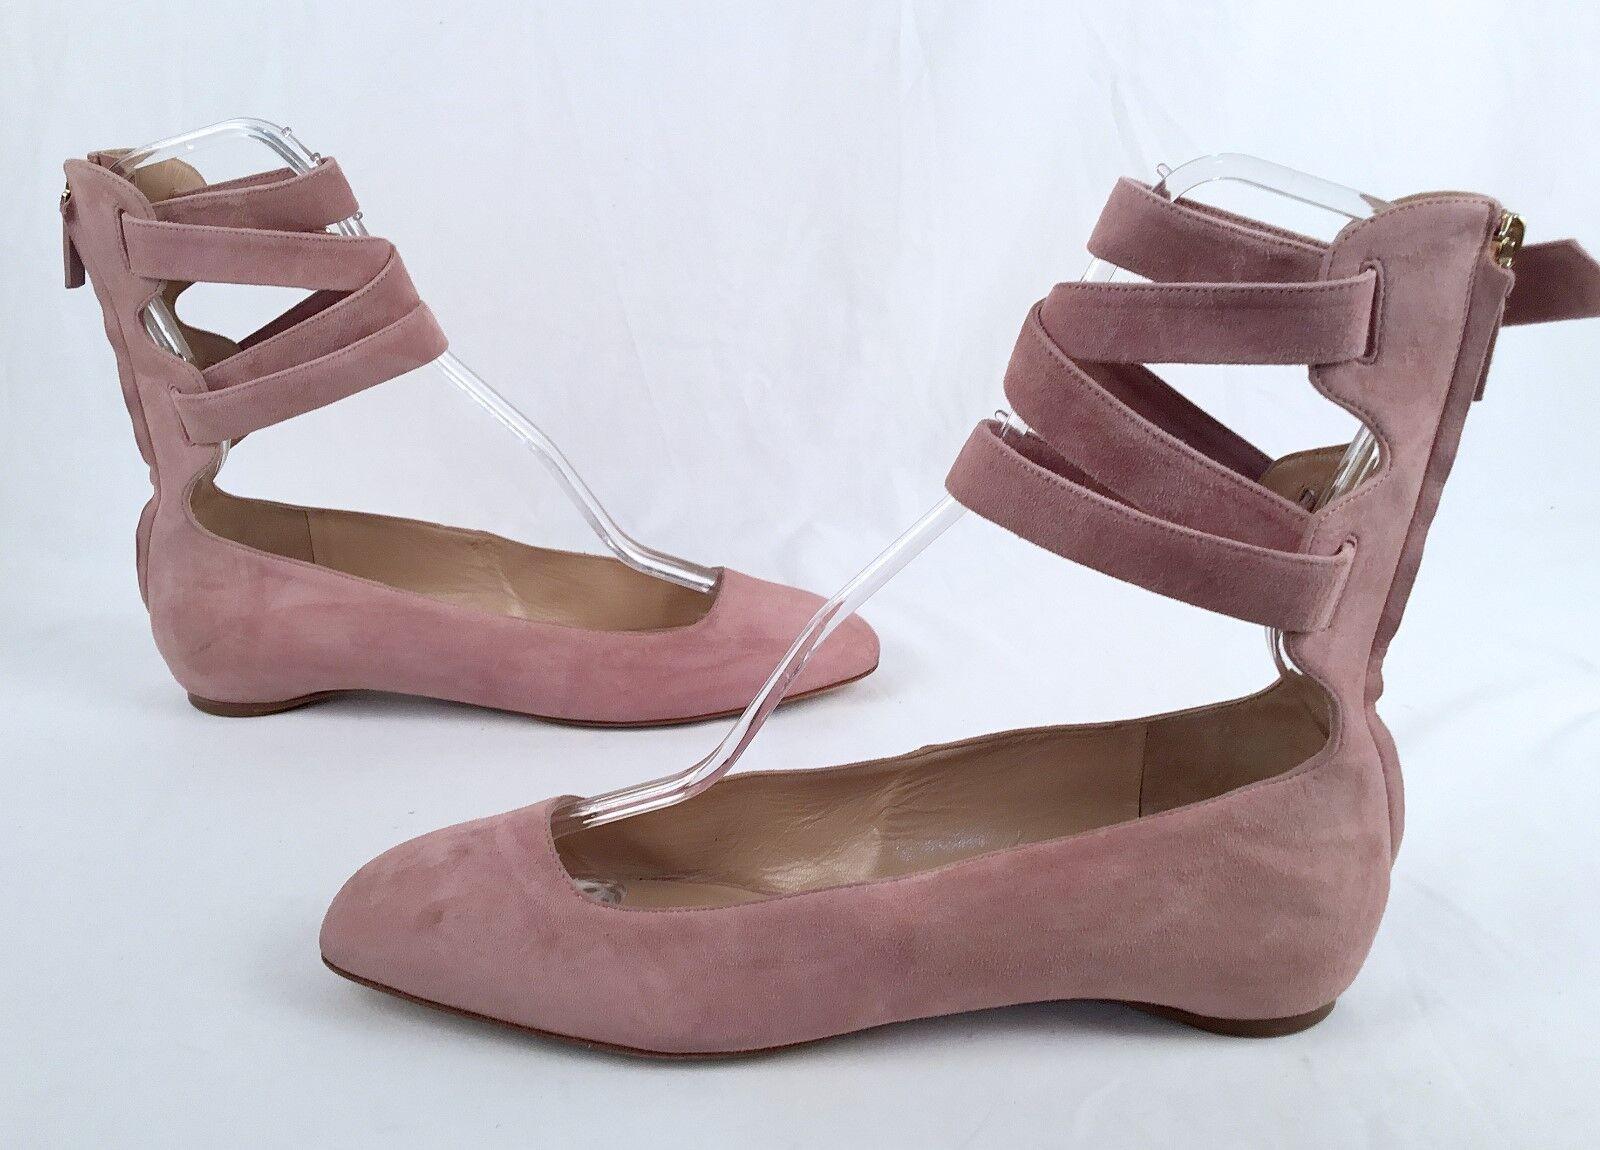 Valentino Suede Ankle Wrap Ballerina Flats --Dimensione US  10   40EU  945 (P8)  marche online vendita a basso costo